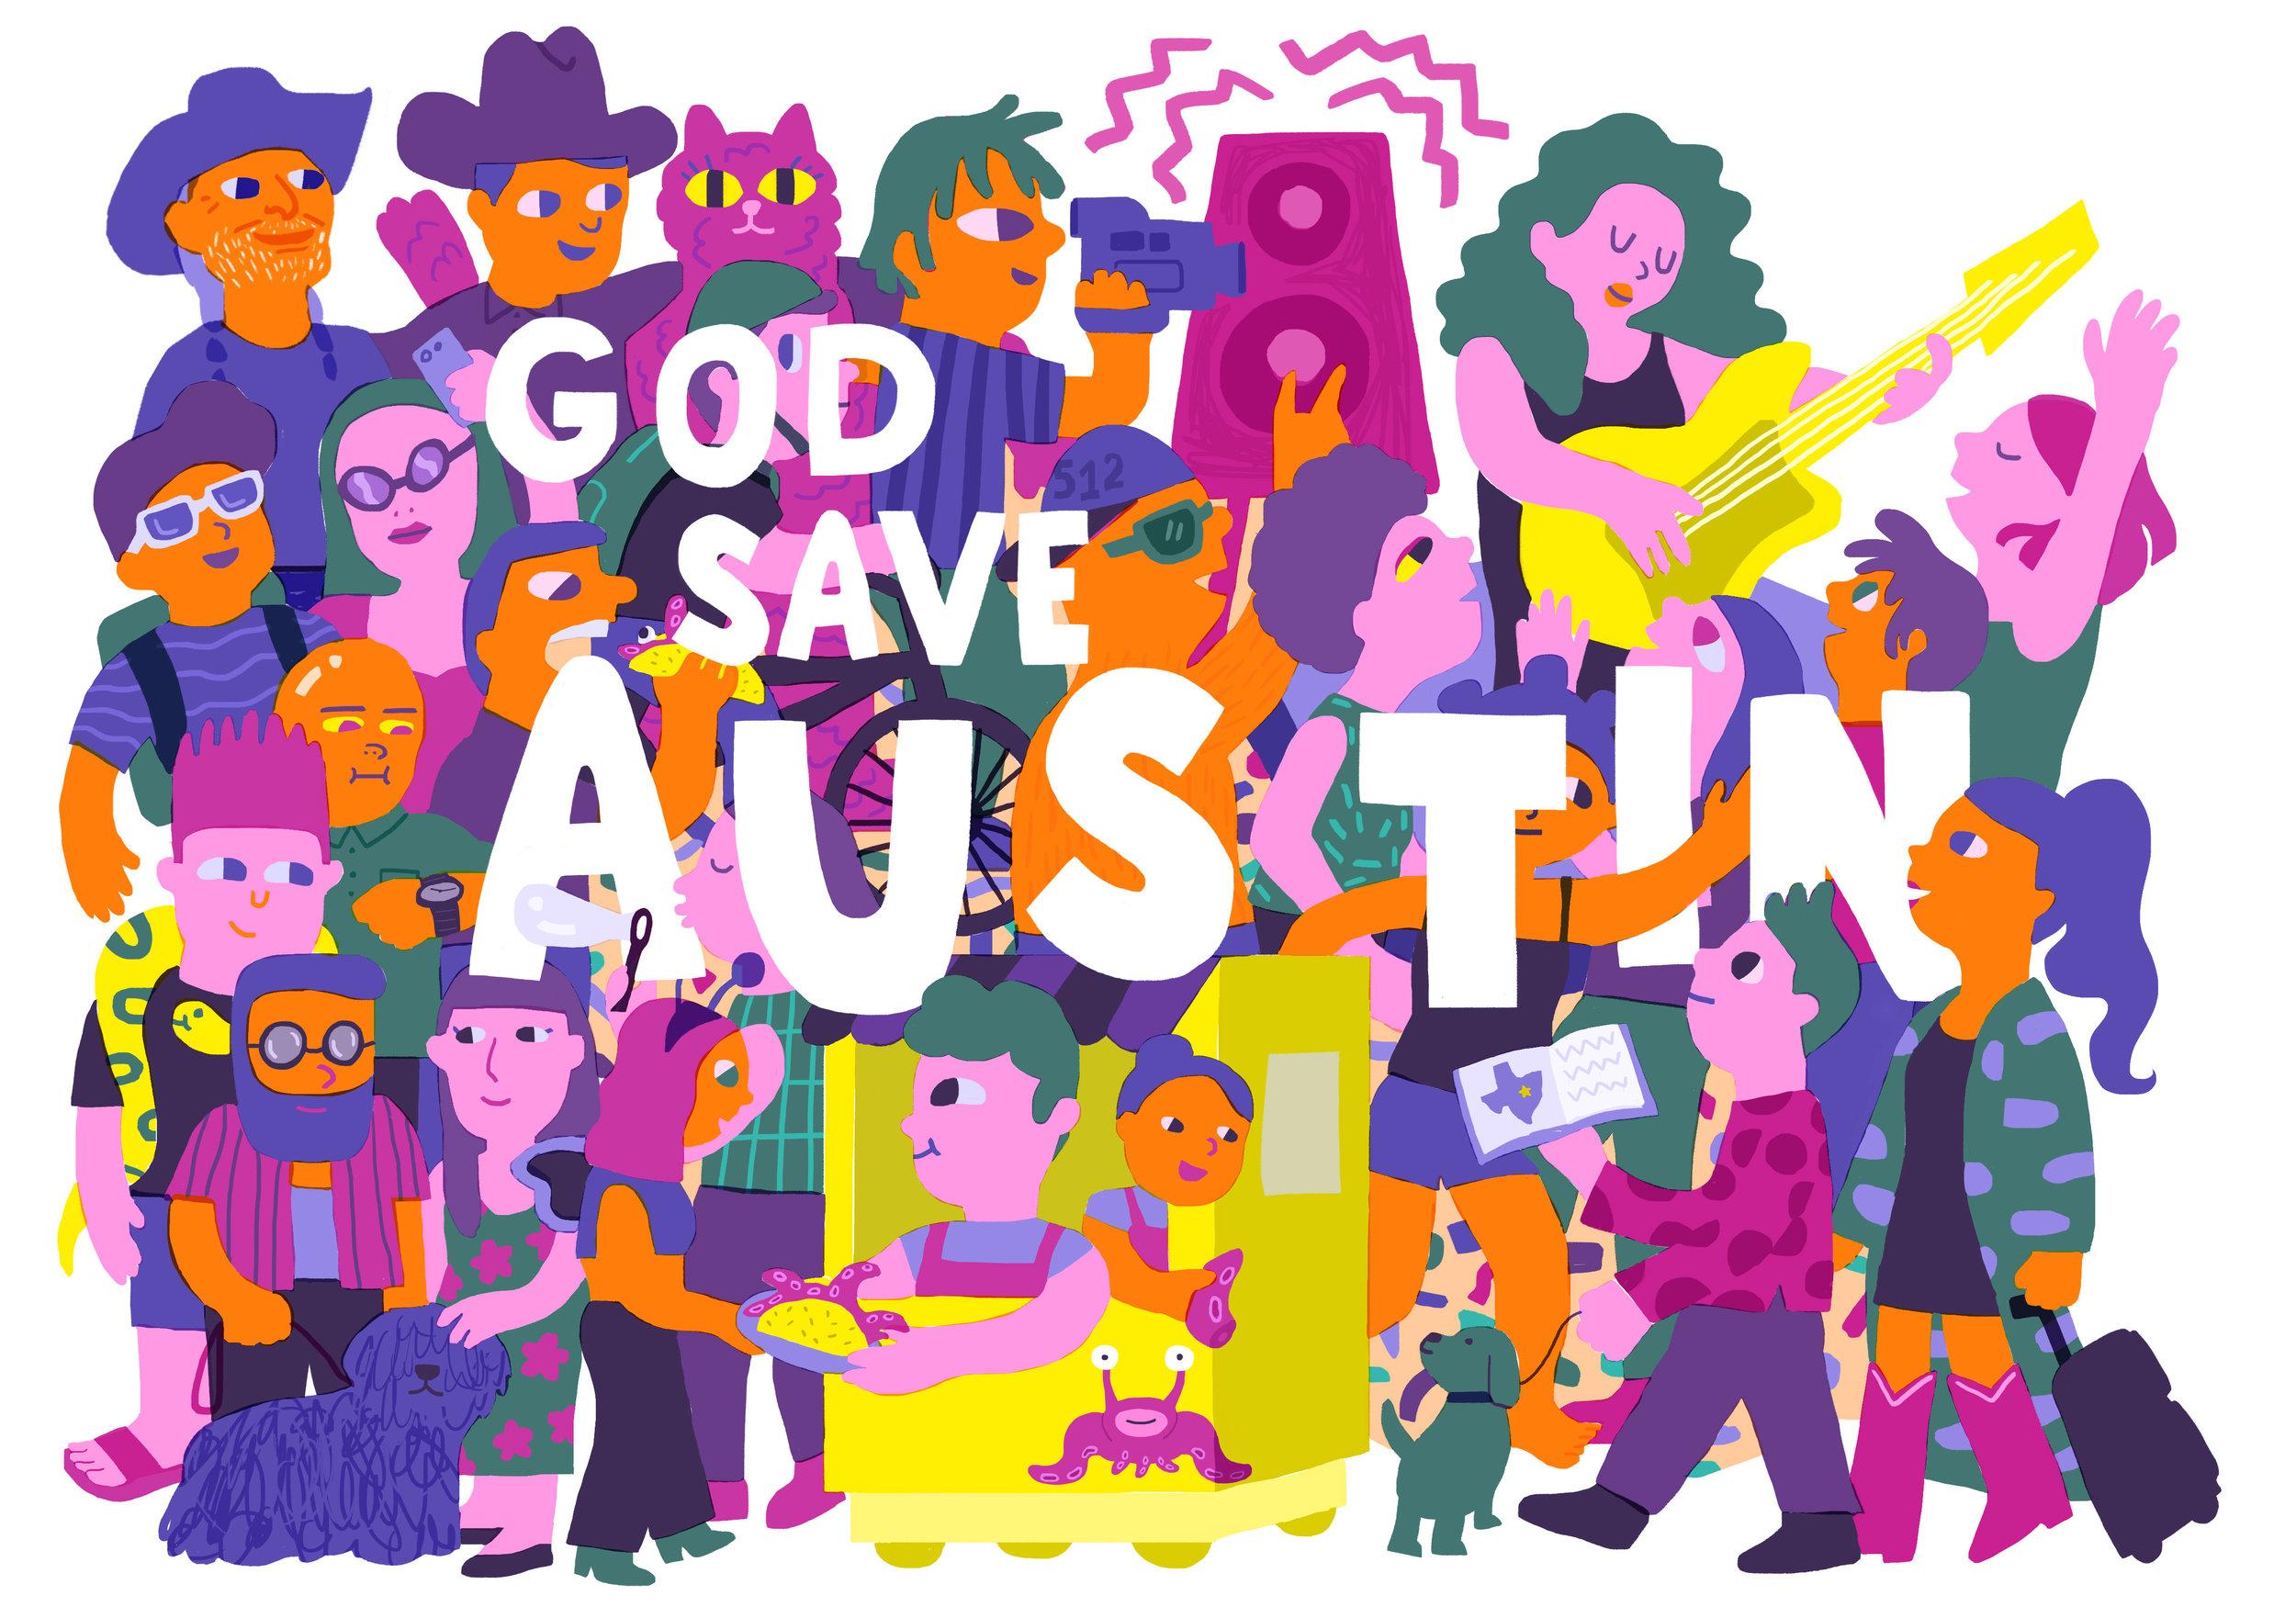 God Save Austin